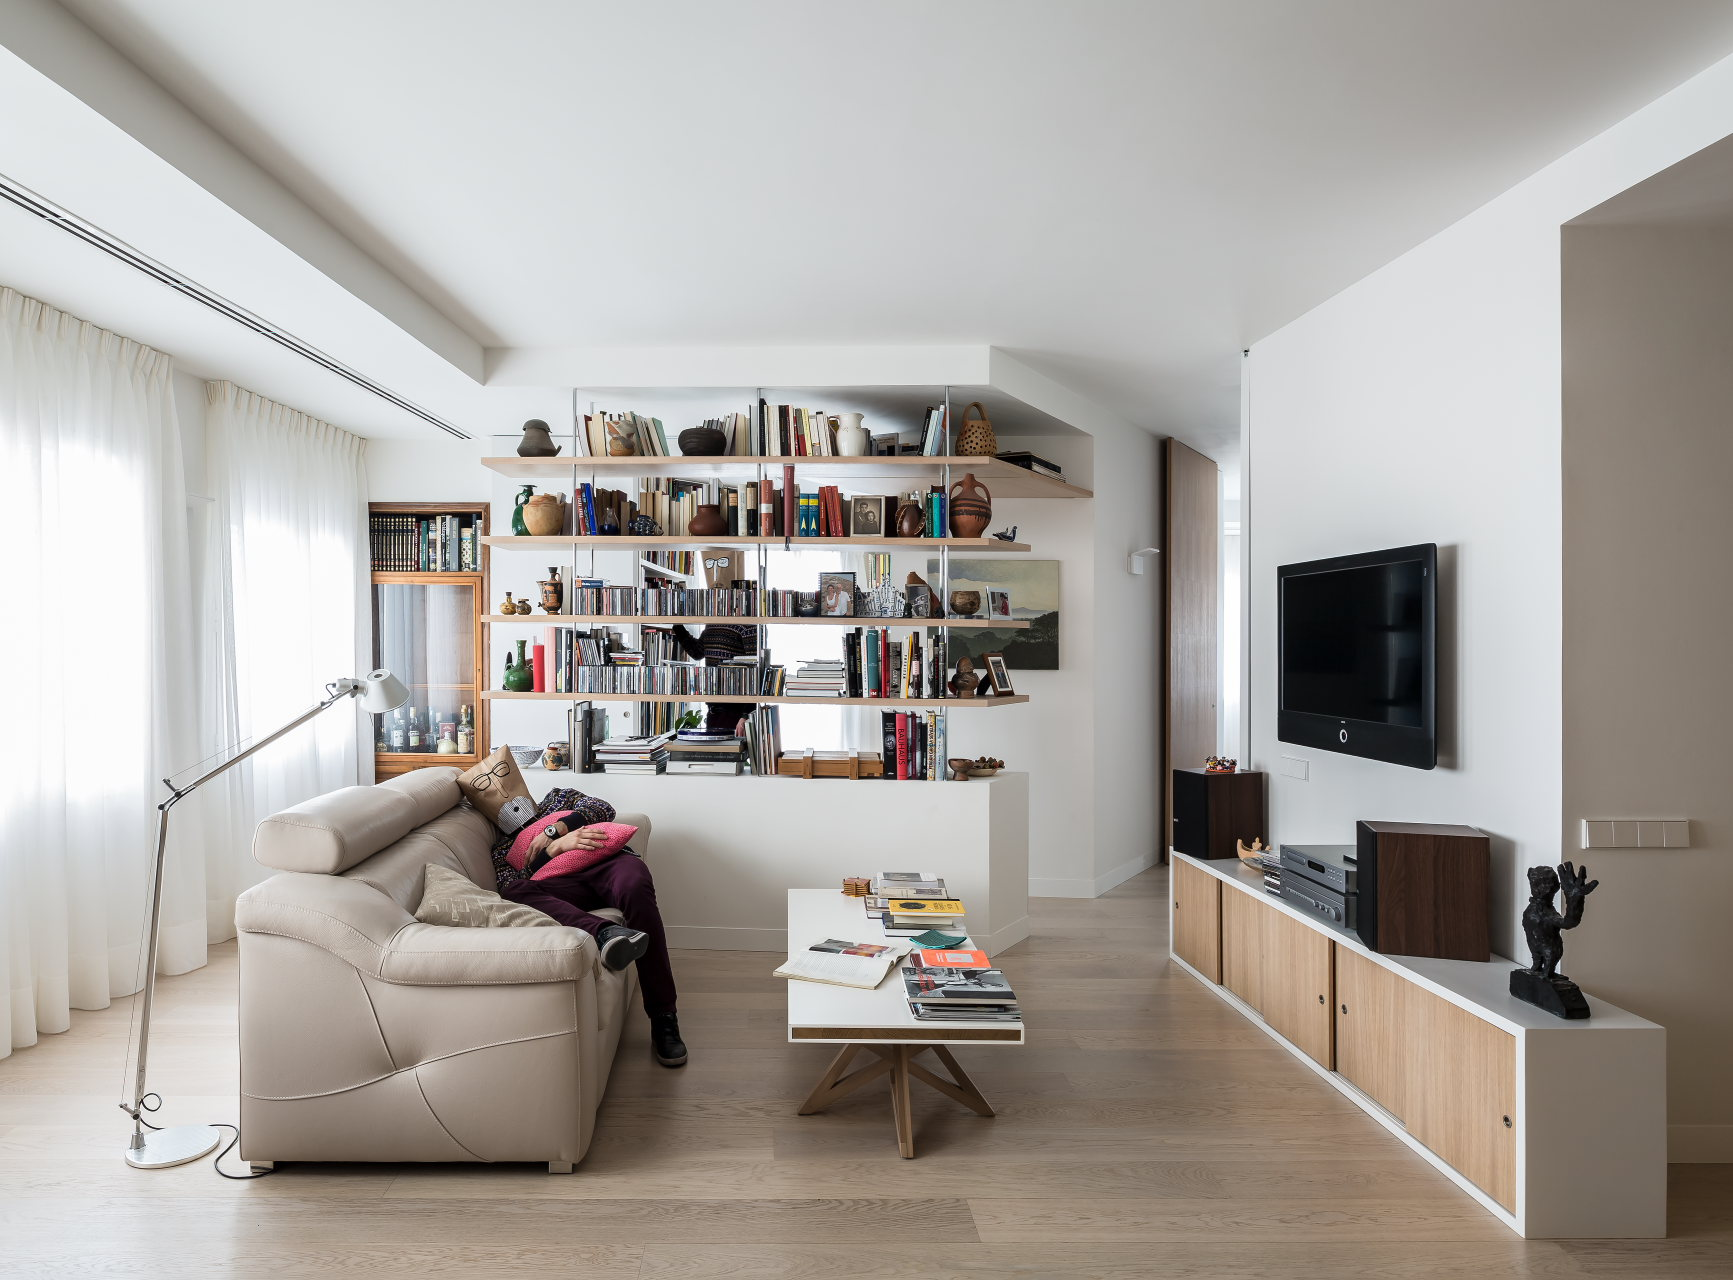 fotografia-arquitectura-valencia-german-cabo-selecta-home-alicante (5)